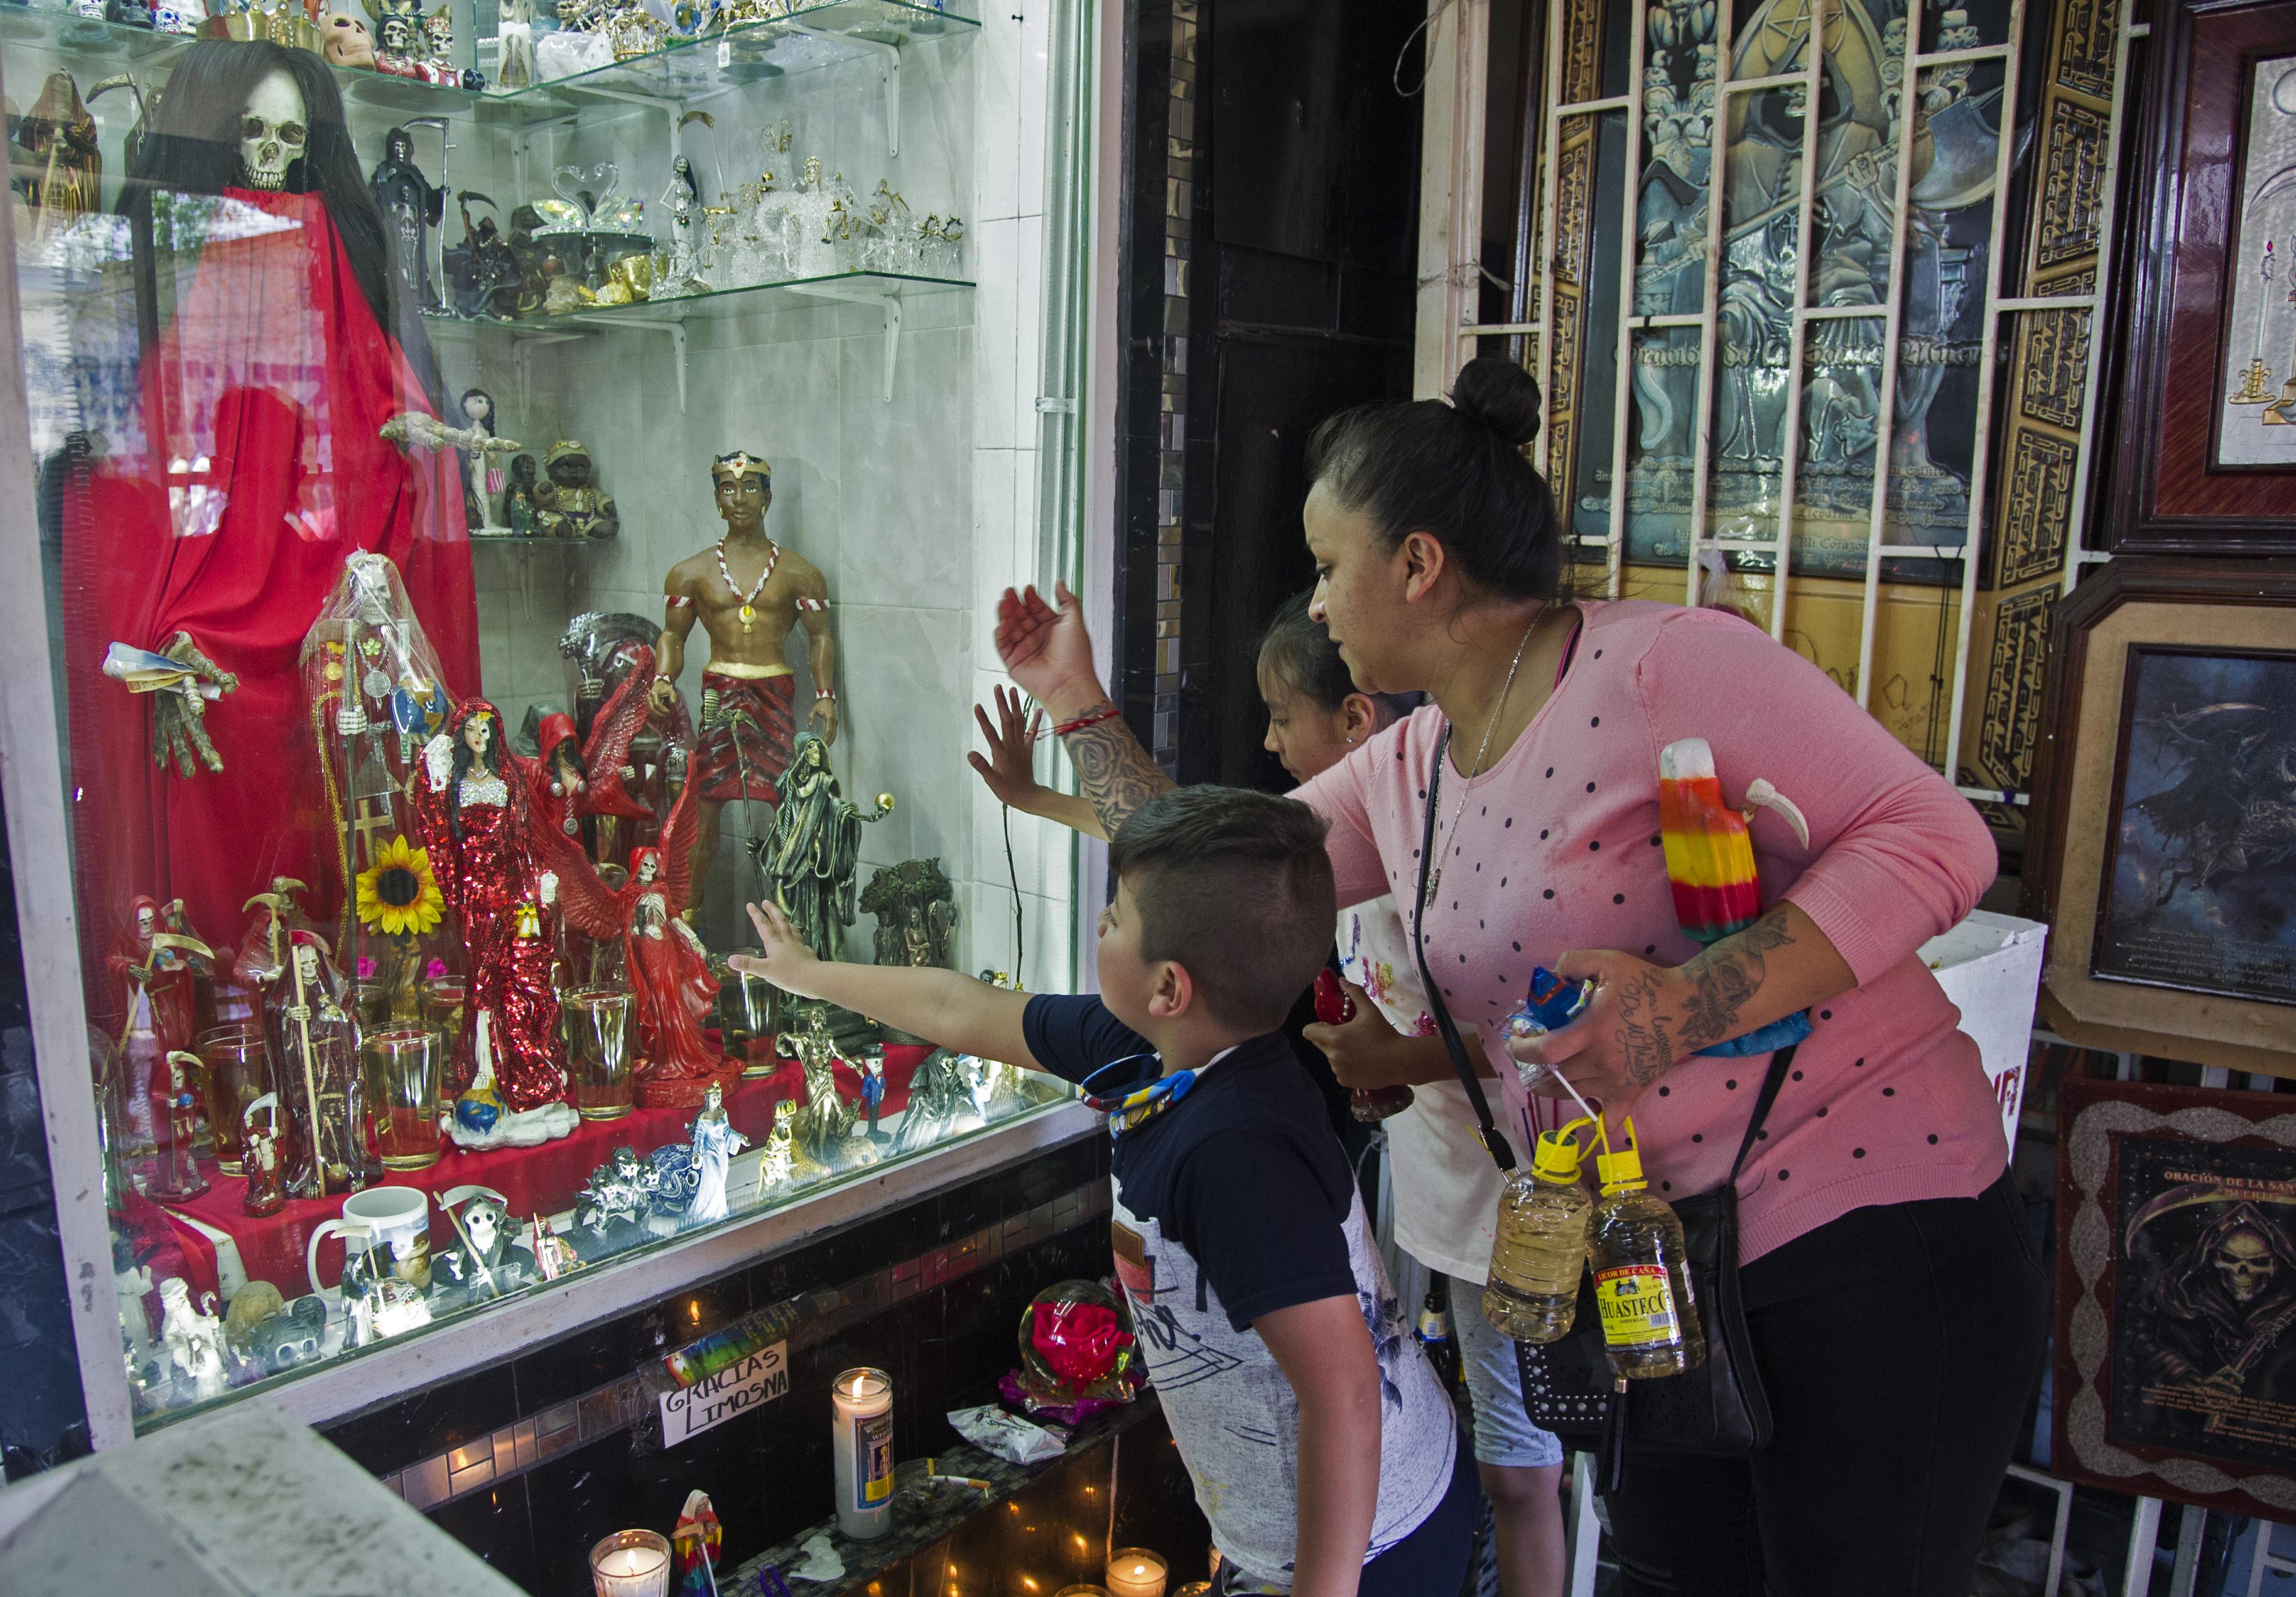 Una mujer y sus hijos tocan el cristal del santuario de Santa Muerte en la calle Alfarería, en el barrio de Tepito, de la Ciudad de México, el 1 de octubre de 2020